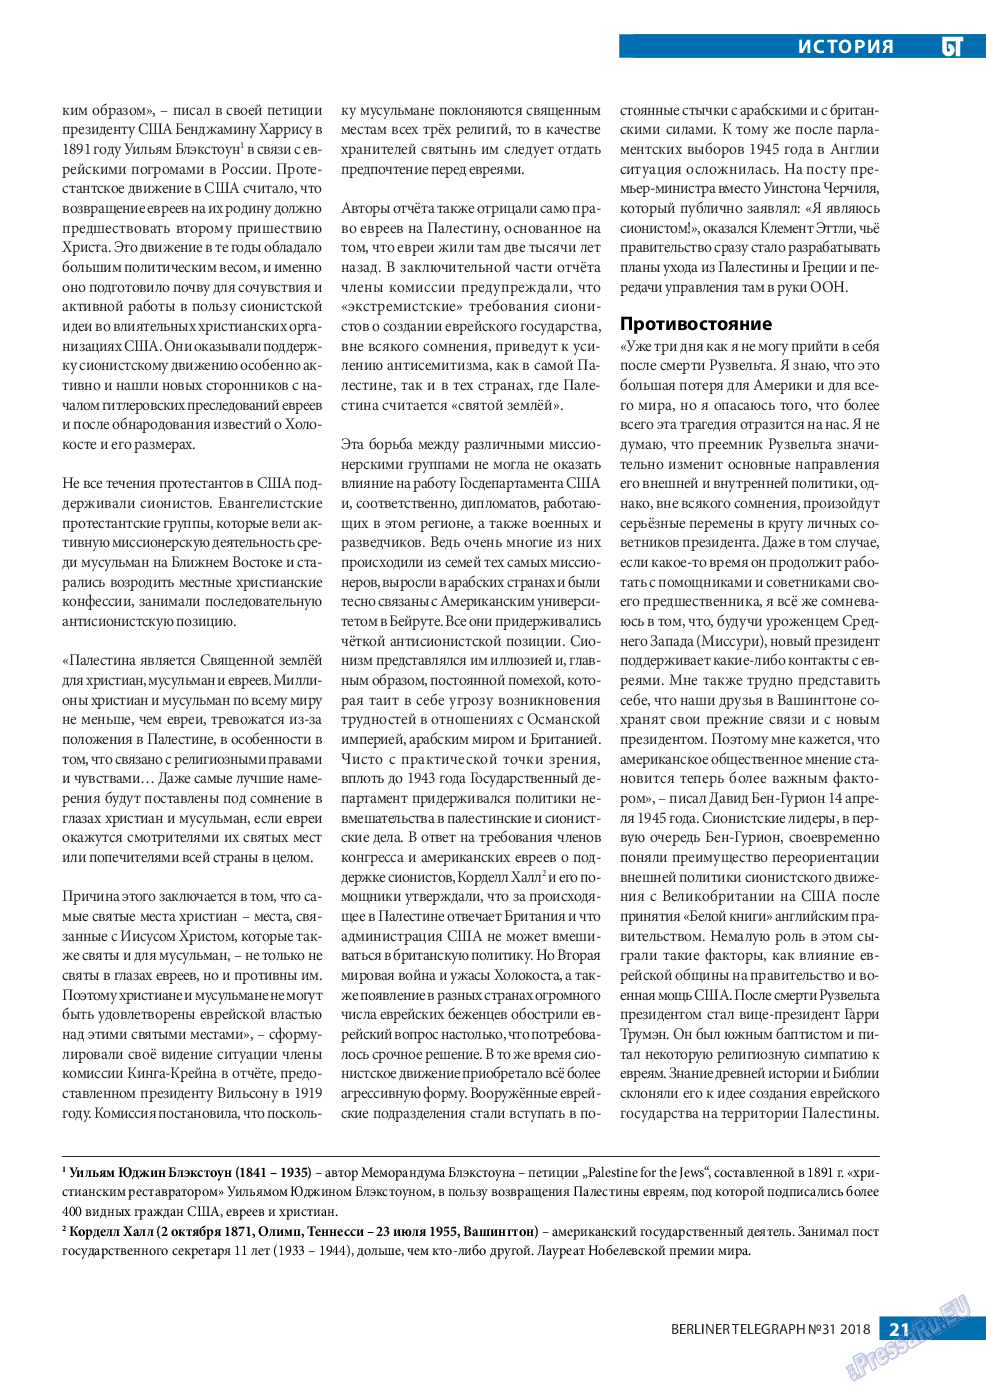 Берлинский телеграф (журнал). 2018 год, номер 31, стр. 21